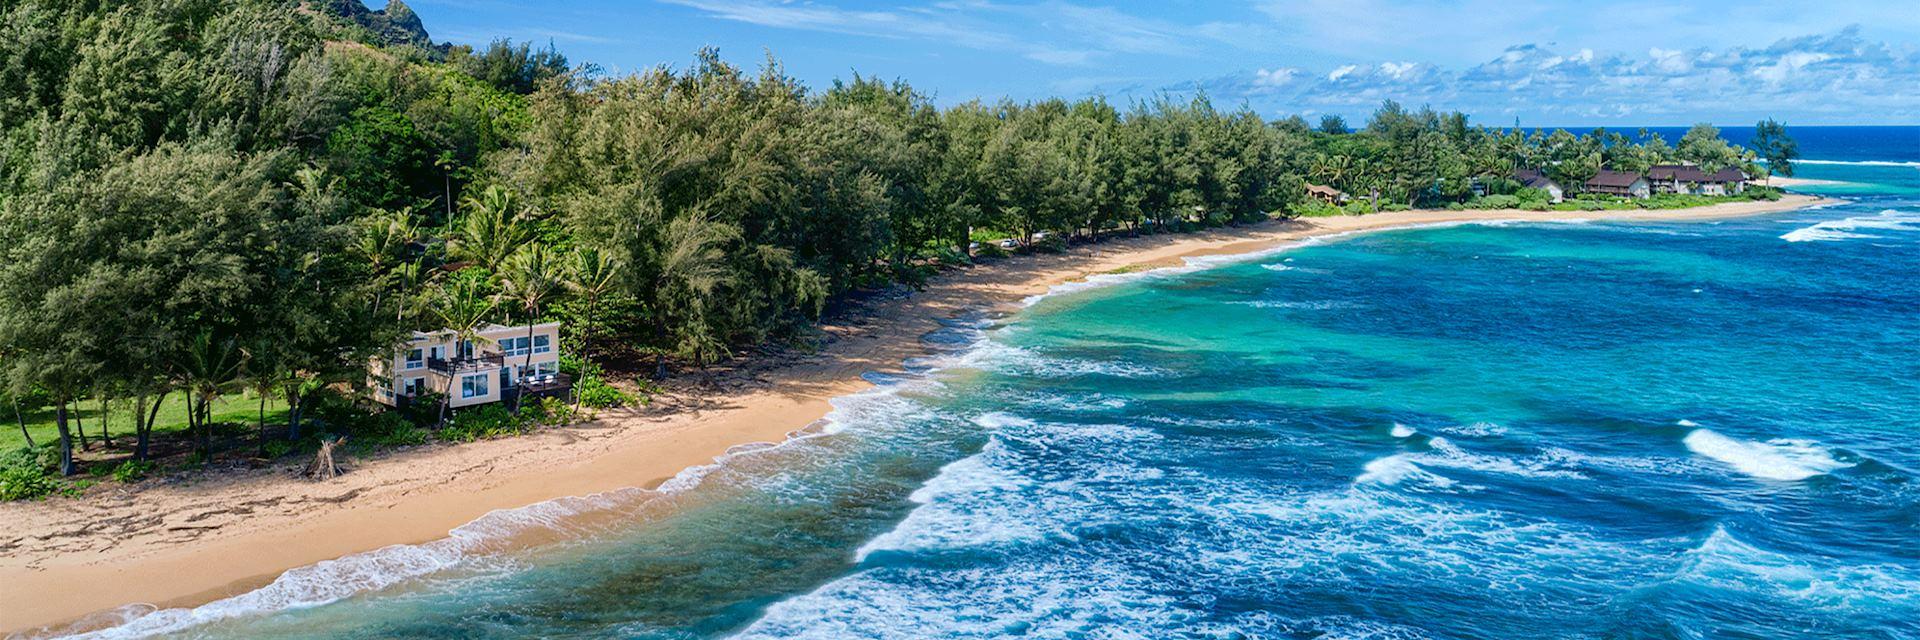 Haena Beach House, Kauai, Hawaii